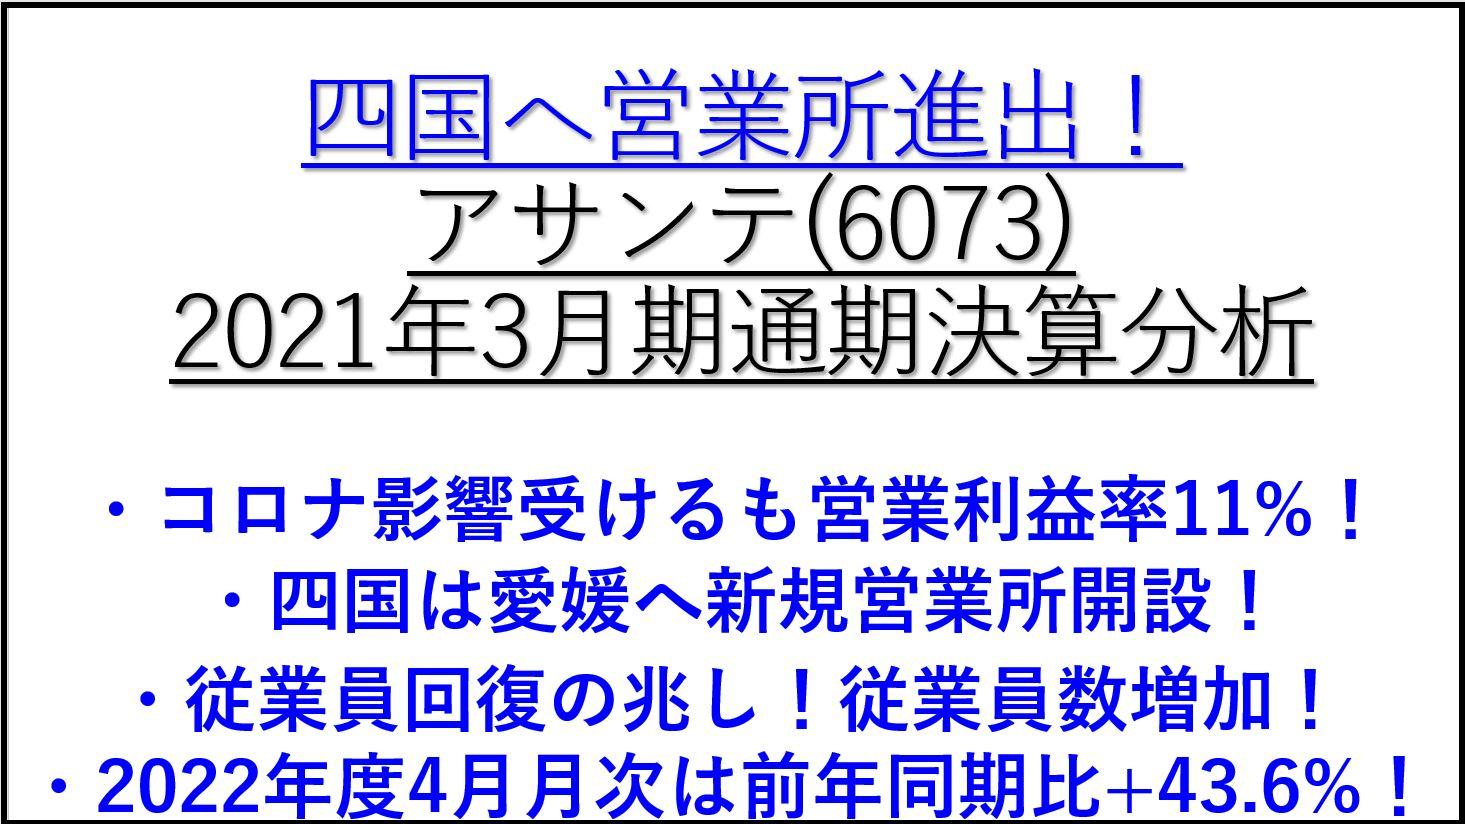 2021年通期決算分析-6073-アサンテ